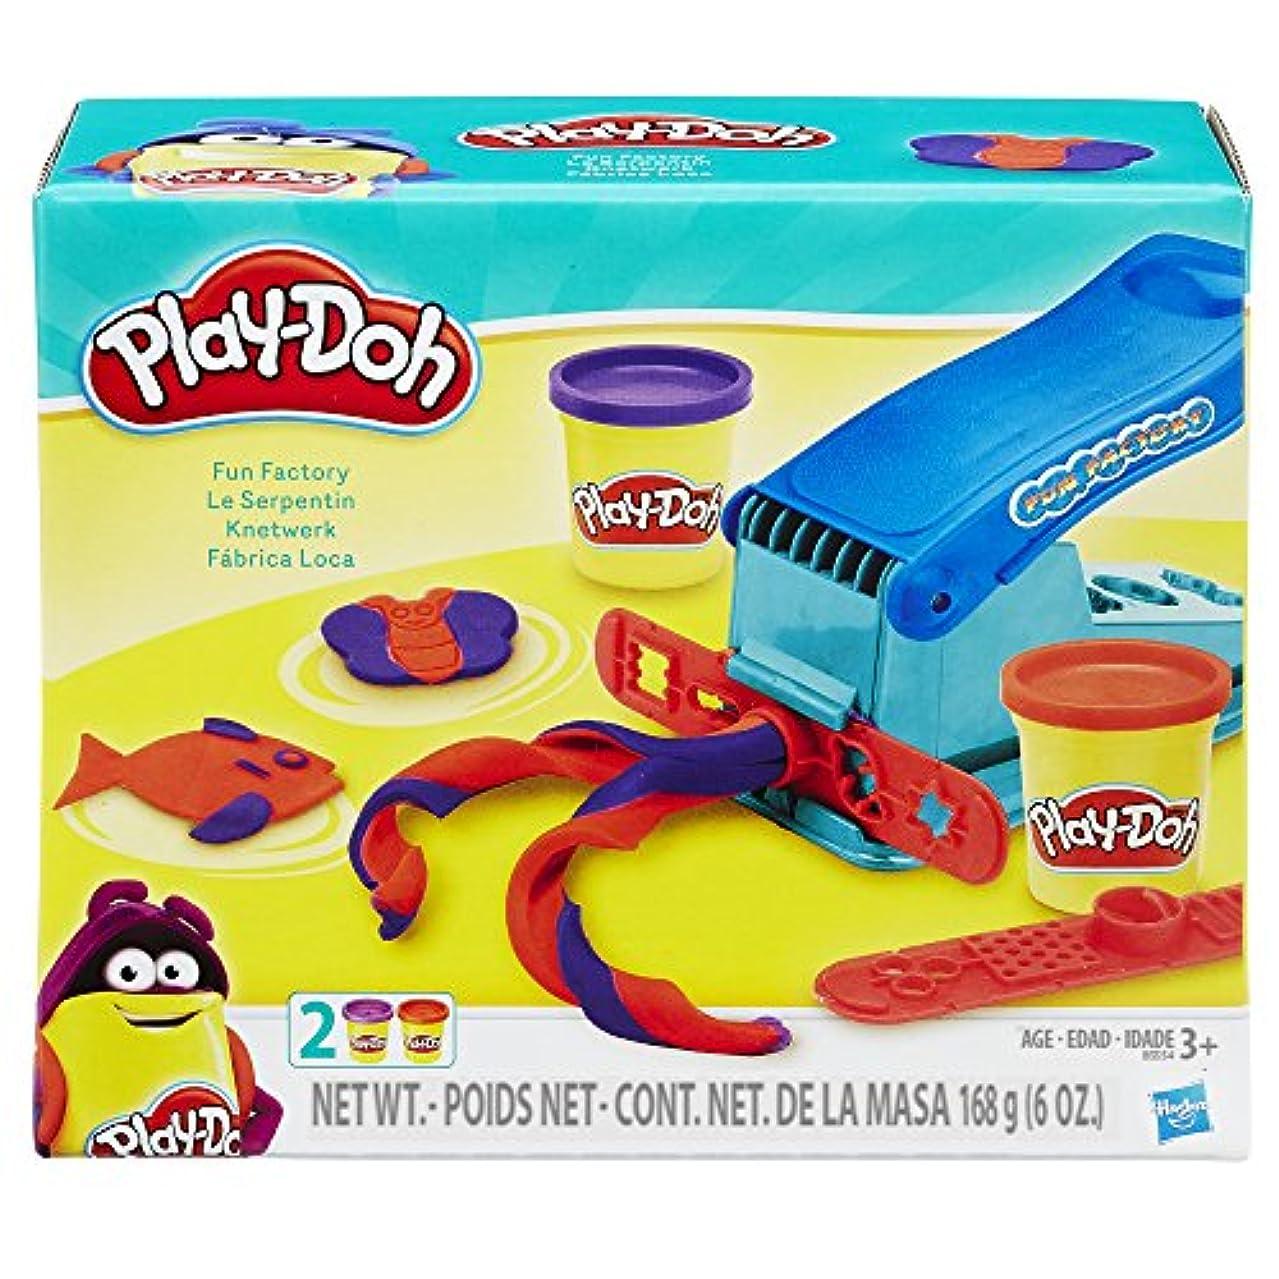 [プレードウ]Play-Doh Basic Fun Factory Toy B5554 [並行輸入品]